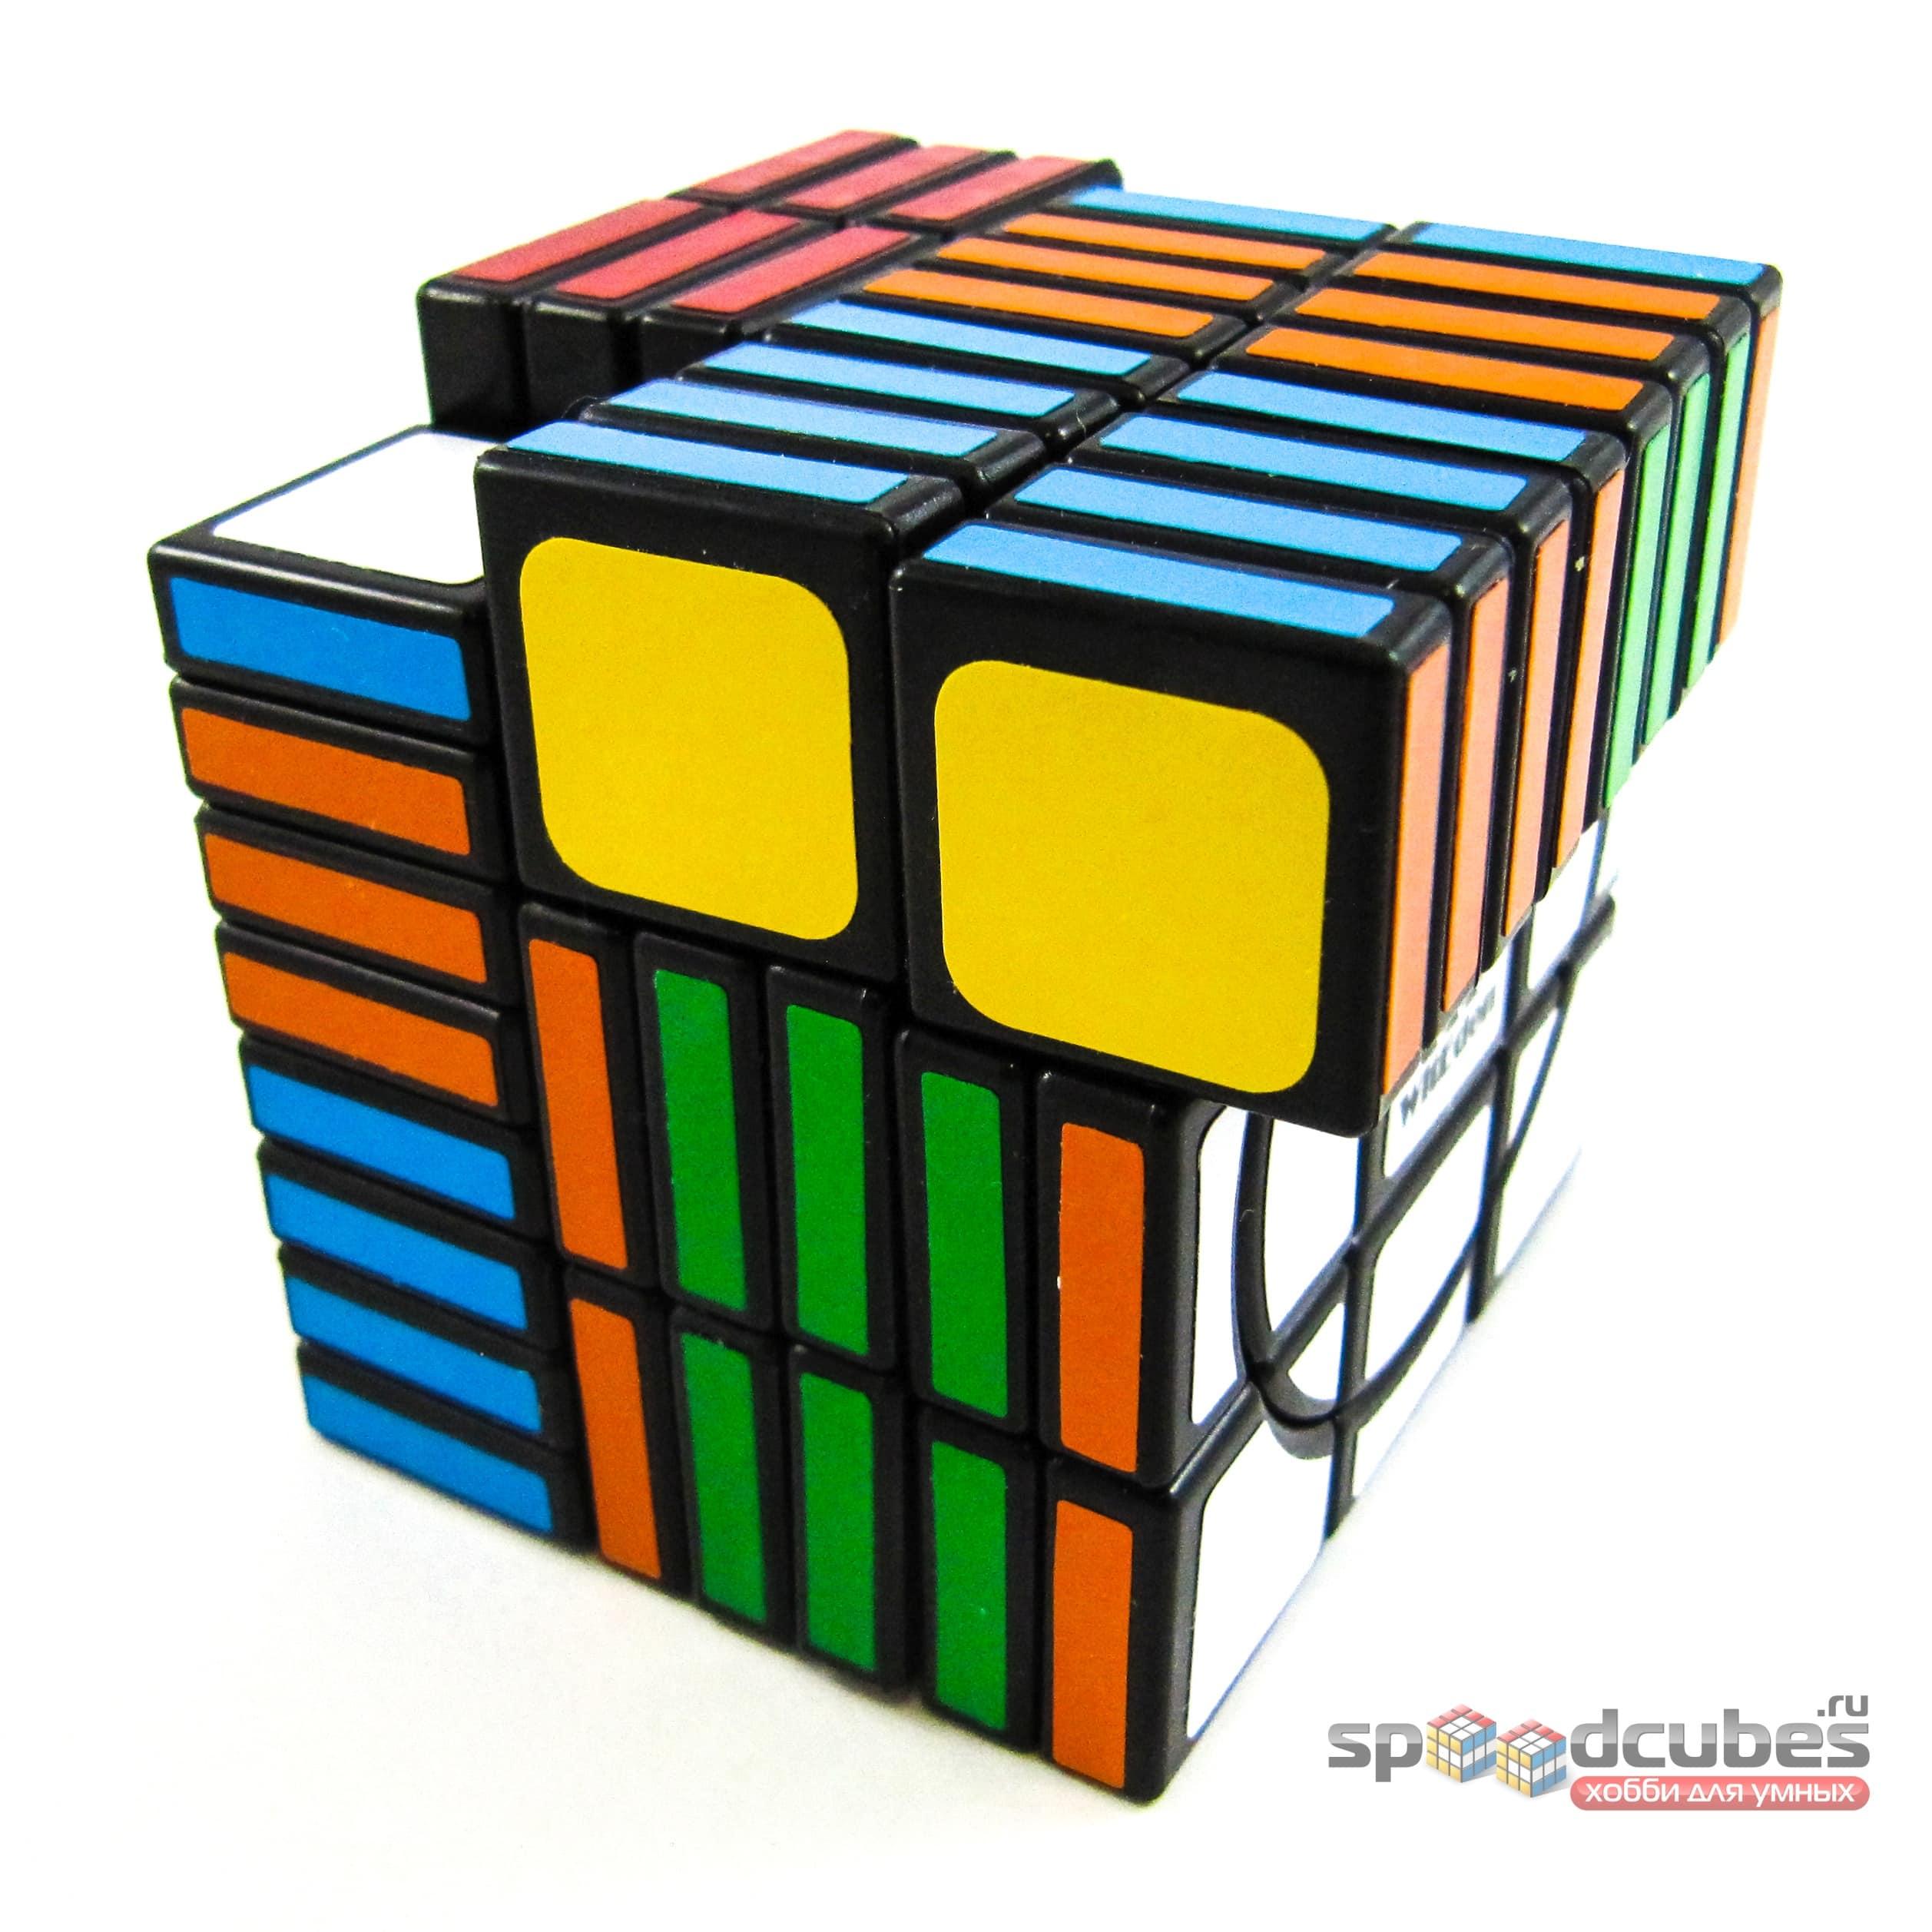 Witeden 3x3x8 II 3